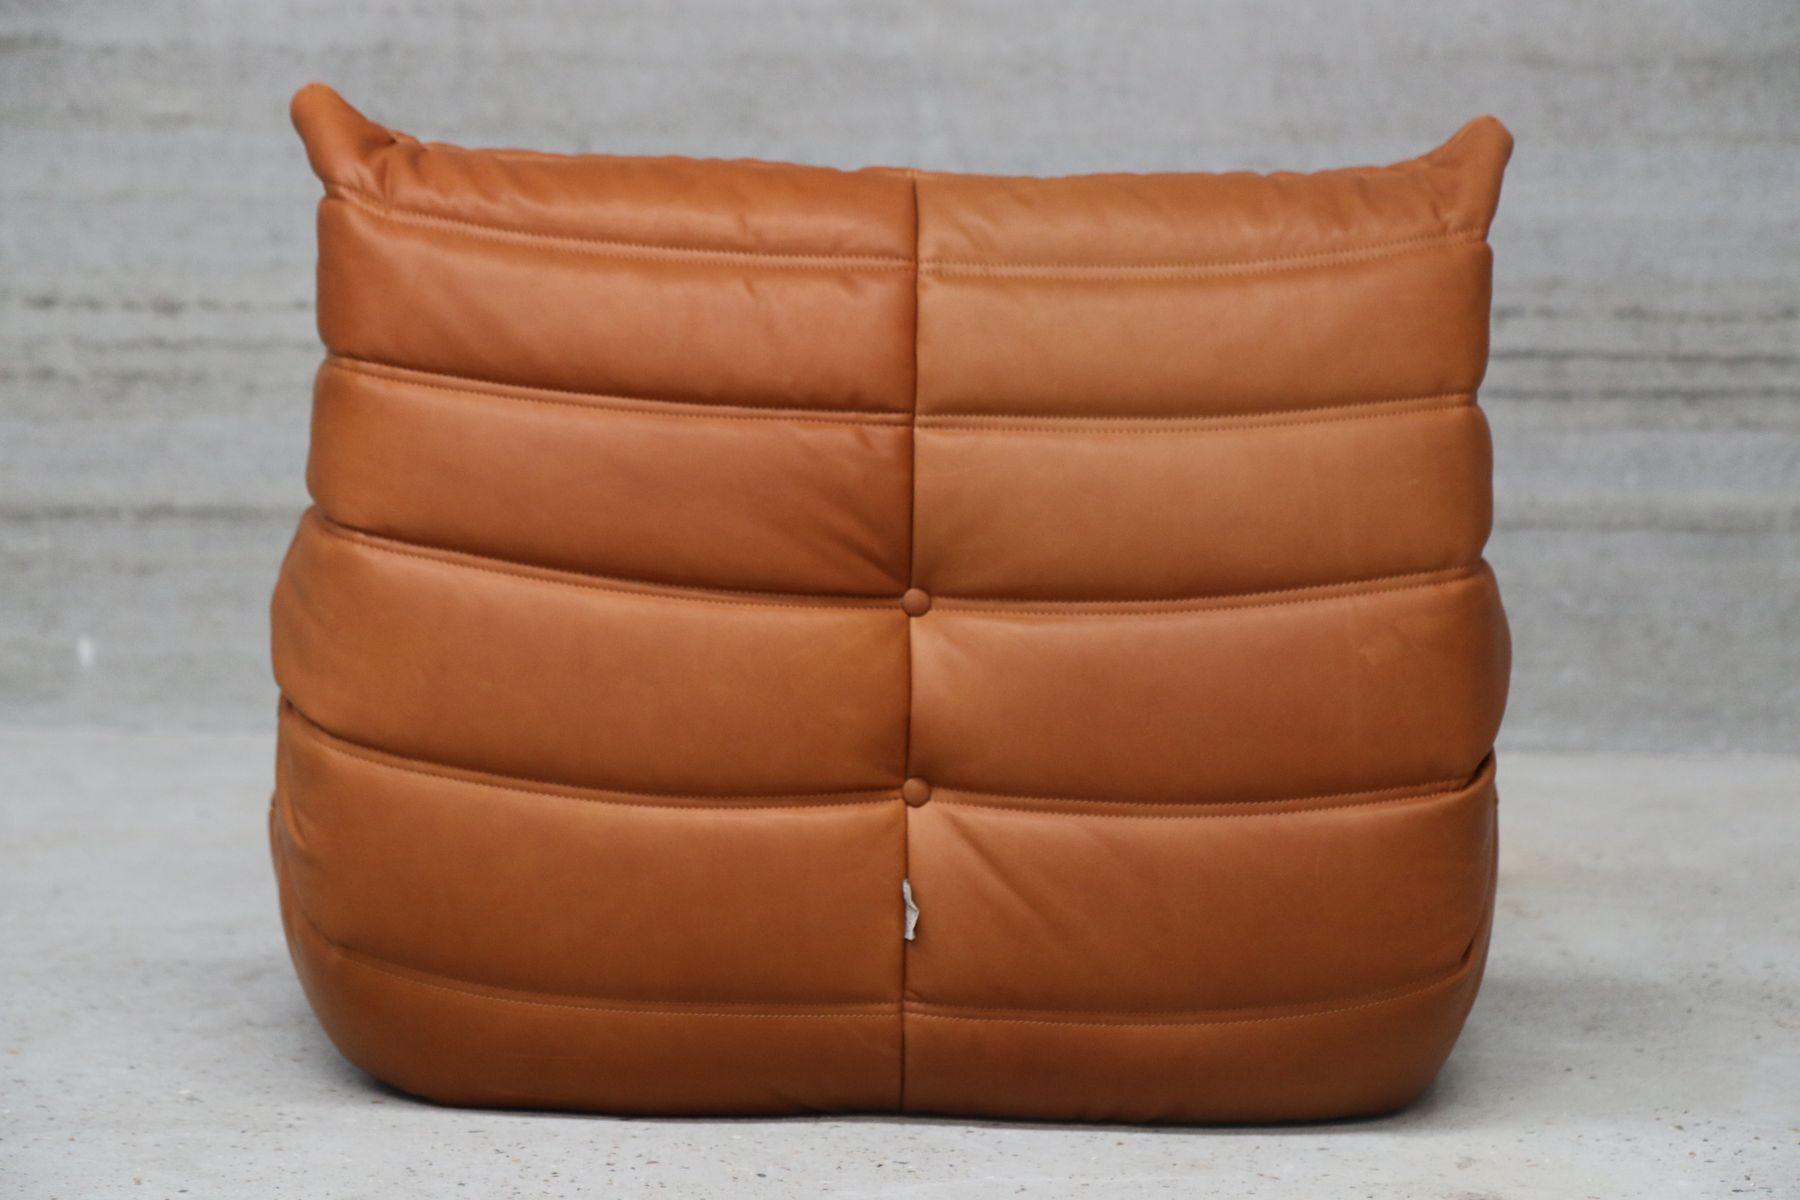 Vintage togo living room set by michel ducaroy for ligne roset en vente sur p - Ligne roset togo prix ...